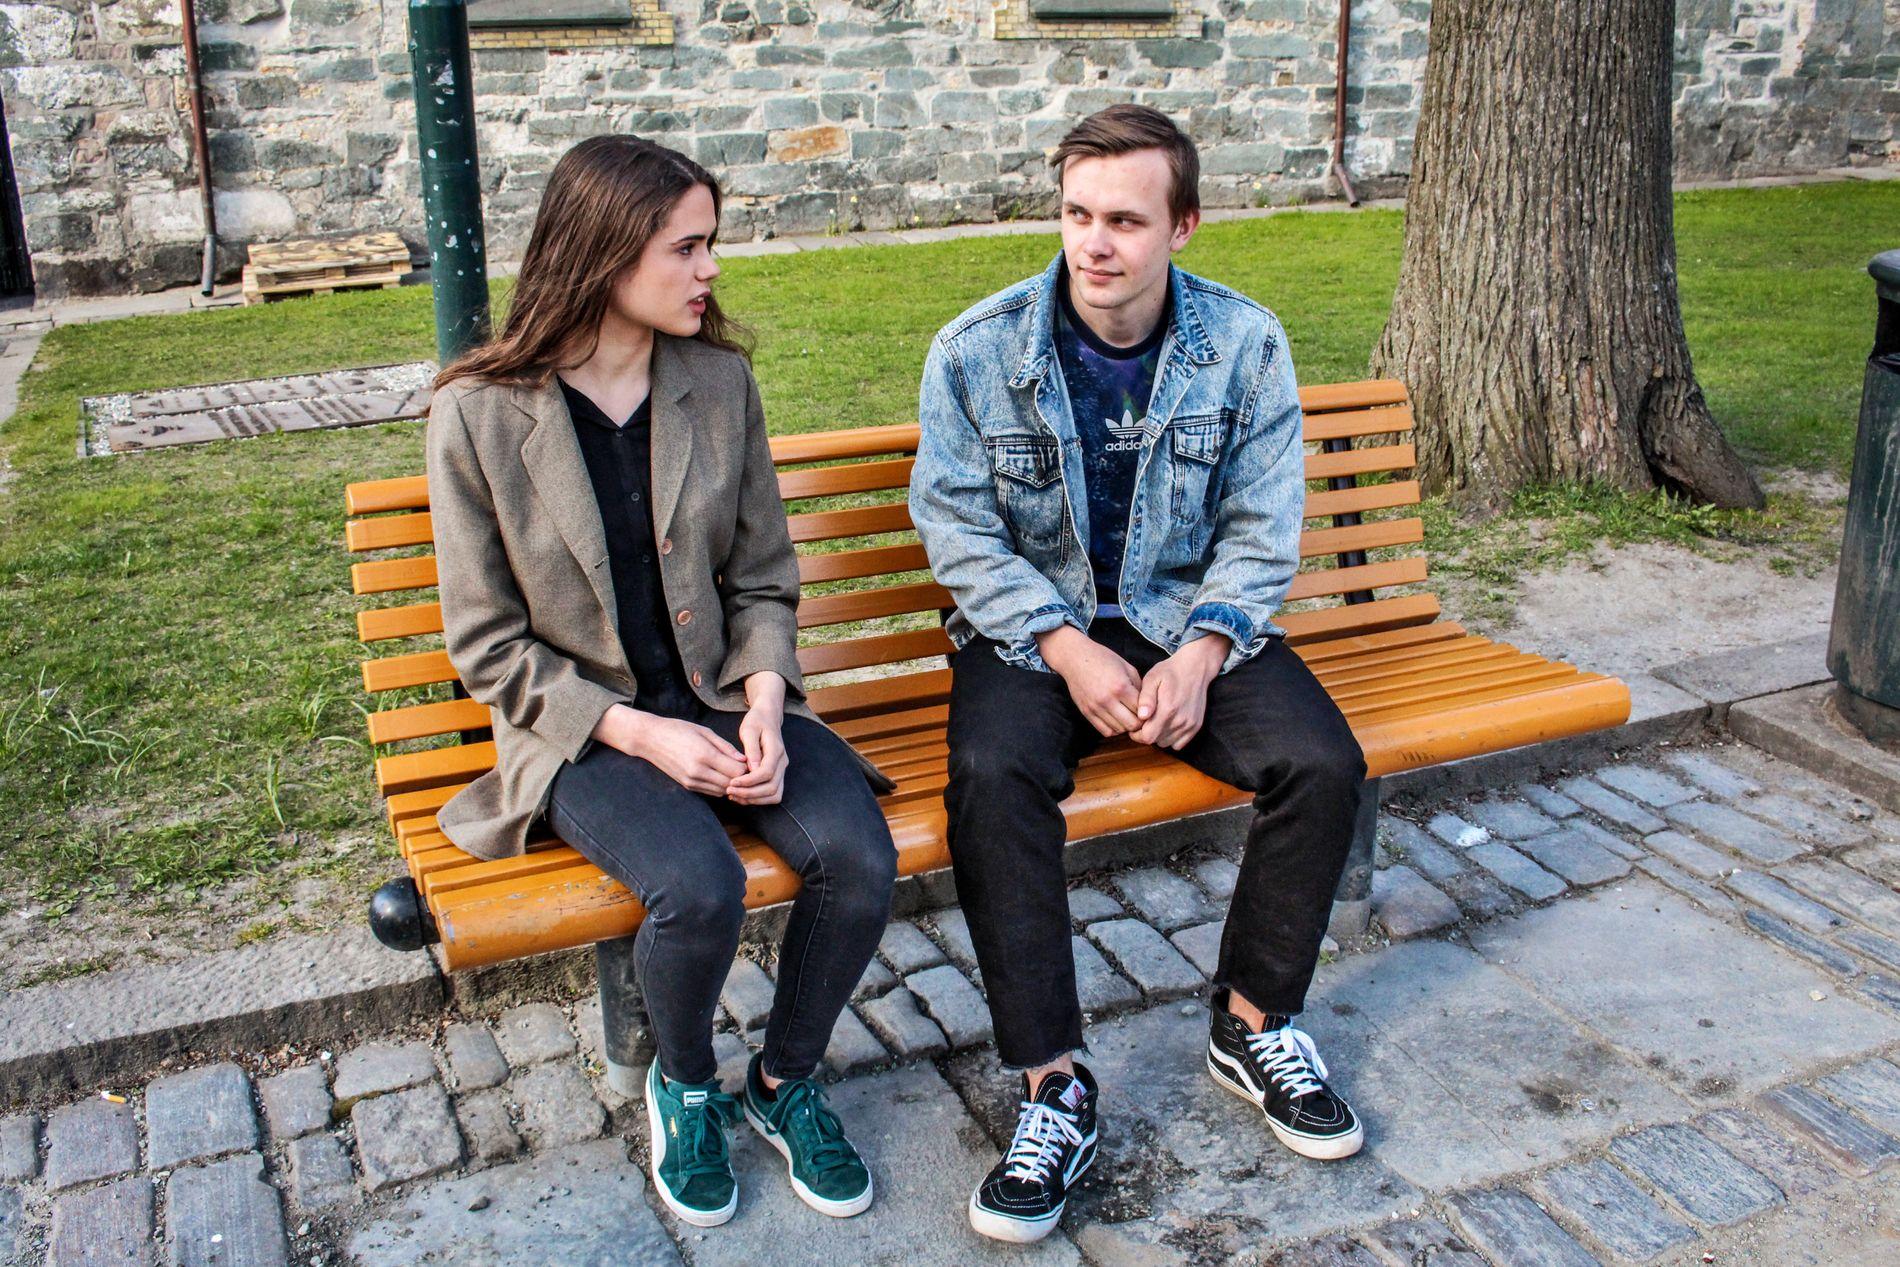 POSITIV TIL ÅPENHET: Maria Glørstad og Erik Holden i Elevorganisasjonen i Sør-Trøndelag forteller at mange snakker om serien «13 reasons why» på skolen. FOTO: HILDE KRISTINE MISJE, VG